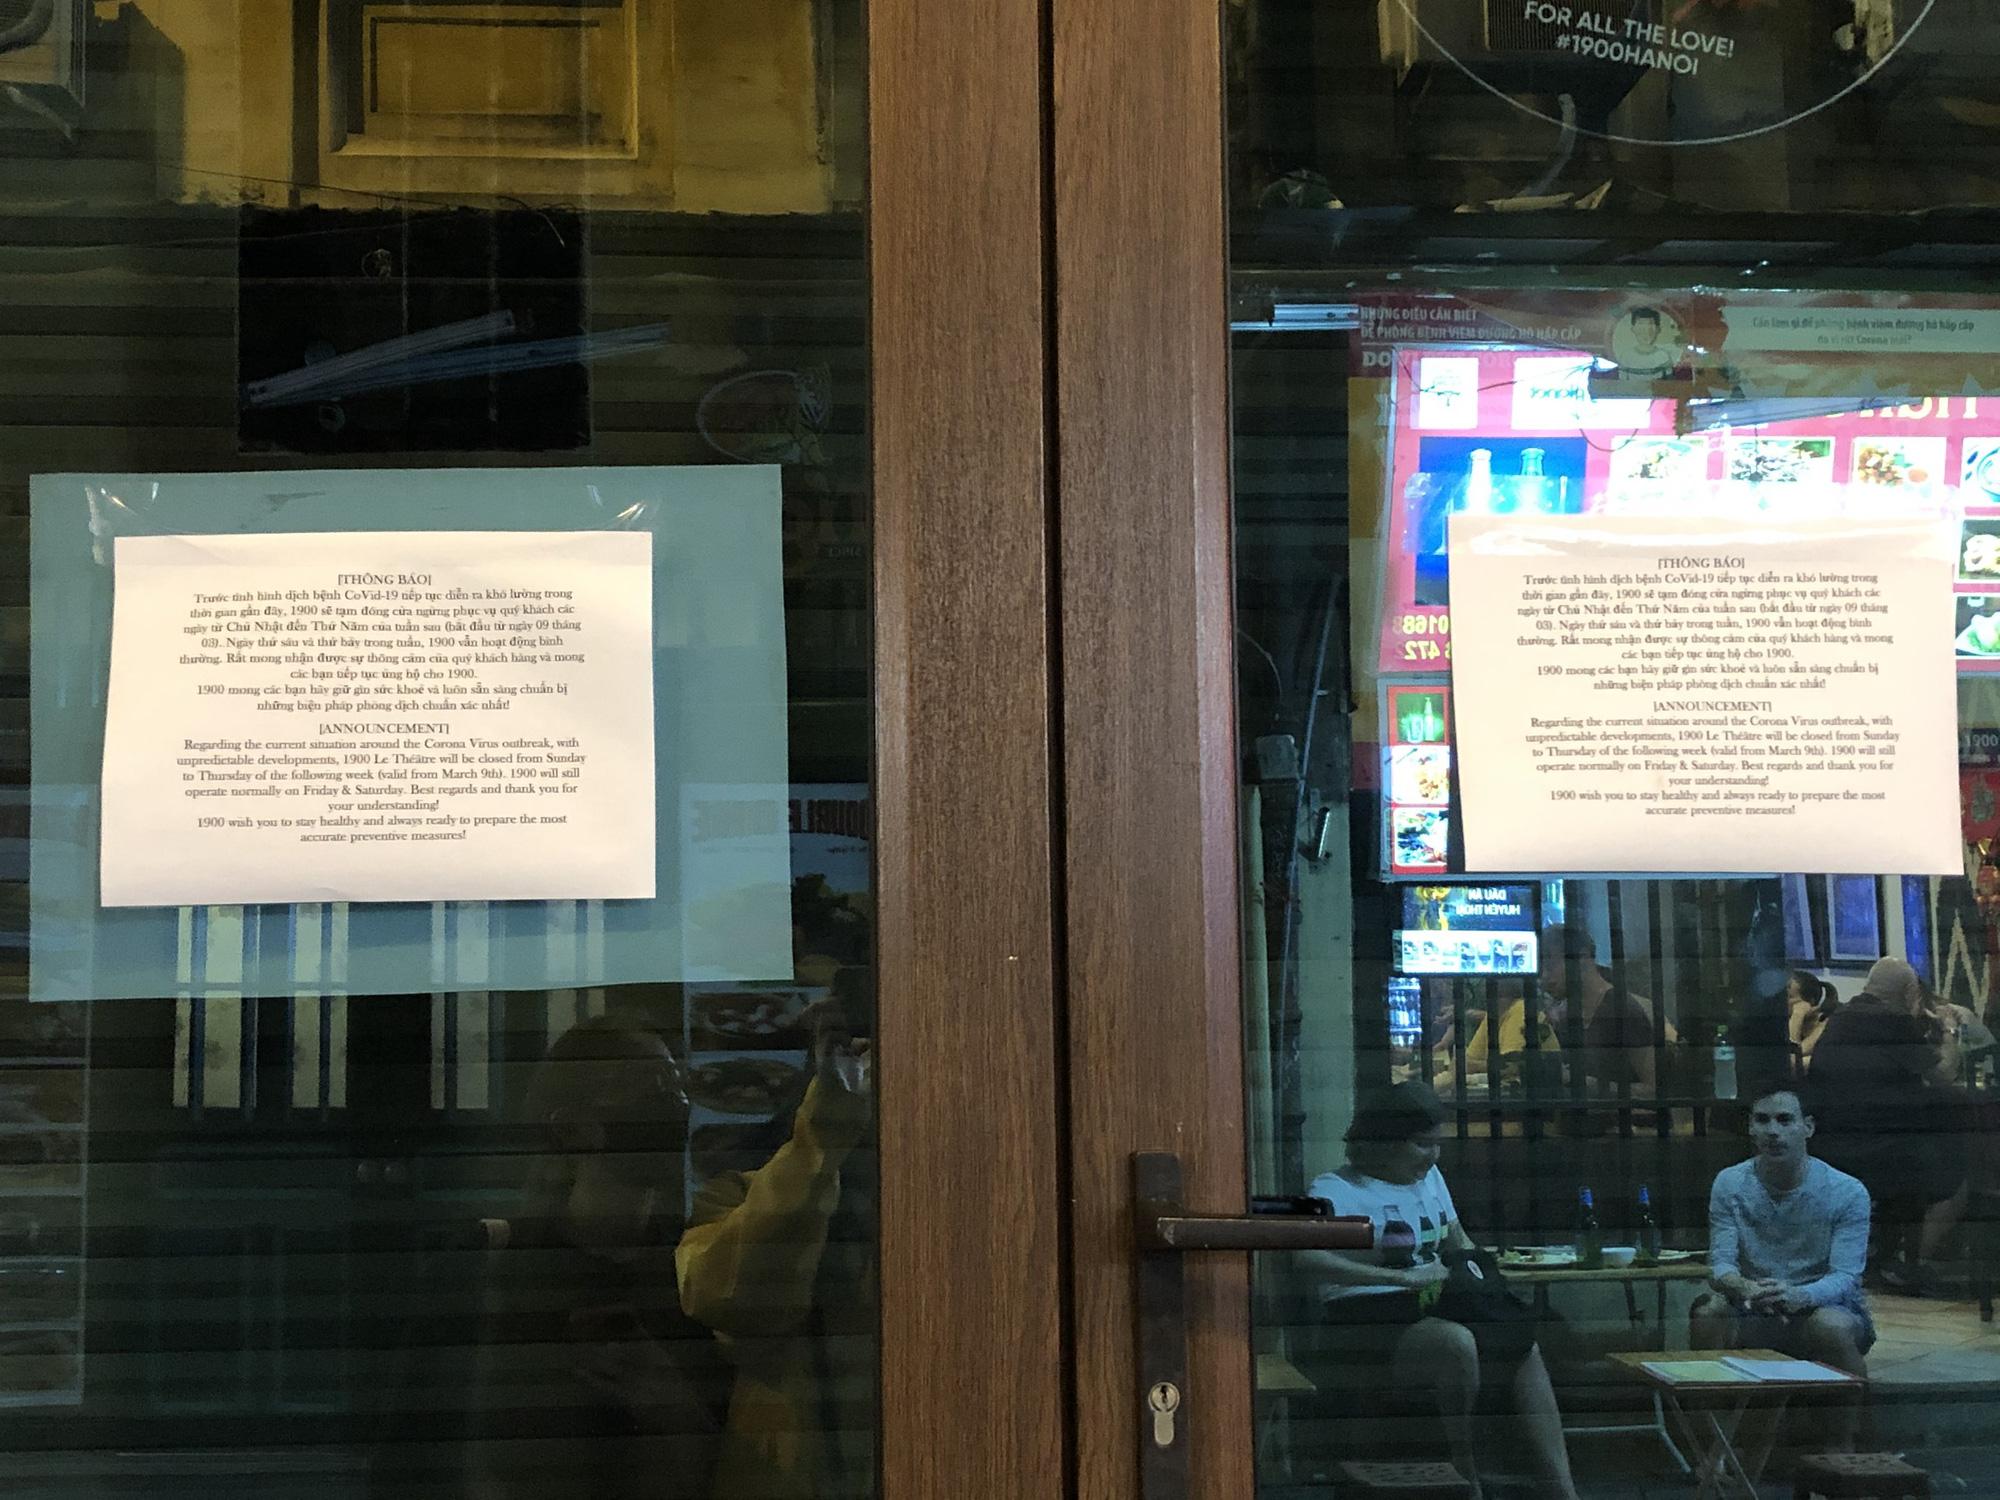 Phố Tạ Hiện vắng khách, các hàng quán ế ẩm giữa mùa dịch corona - Ảnh 4.